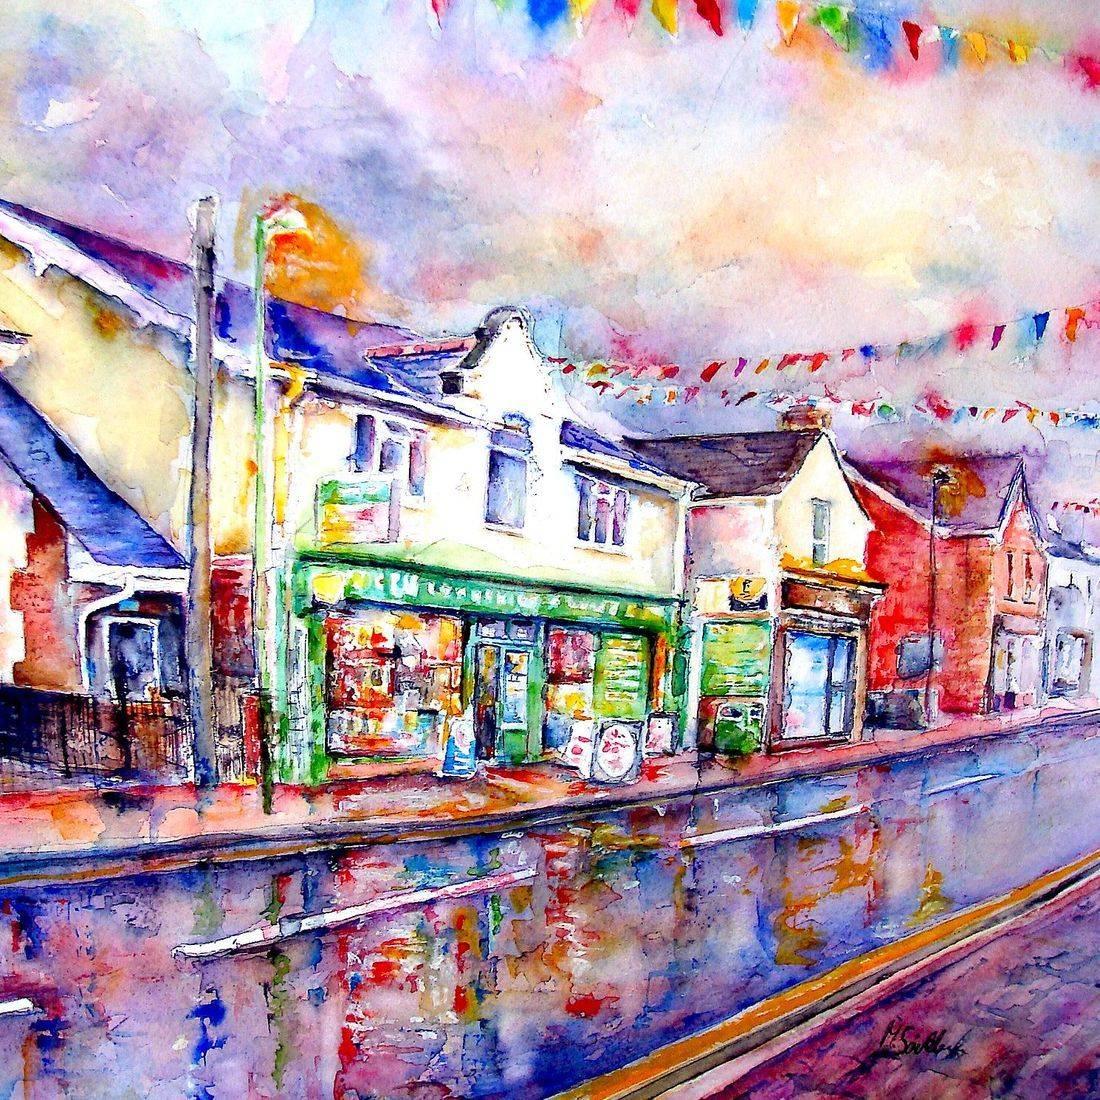 Buckley Flintshire, North Wales